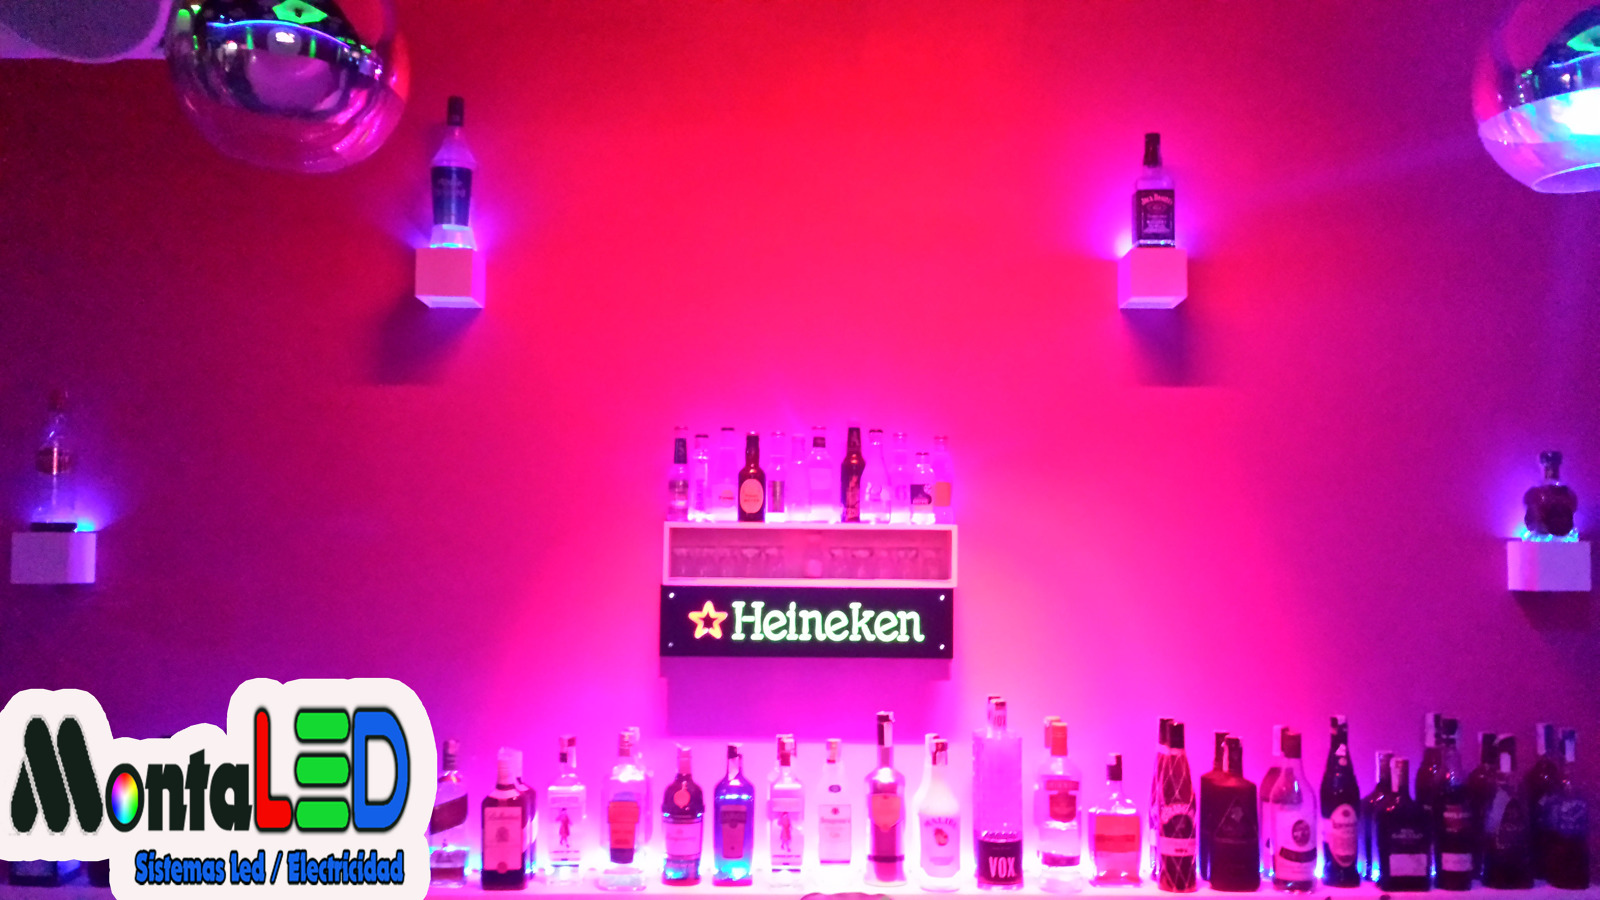 Foto: Instalación Led Estantes para Botellas de Montaled #439424 ...